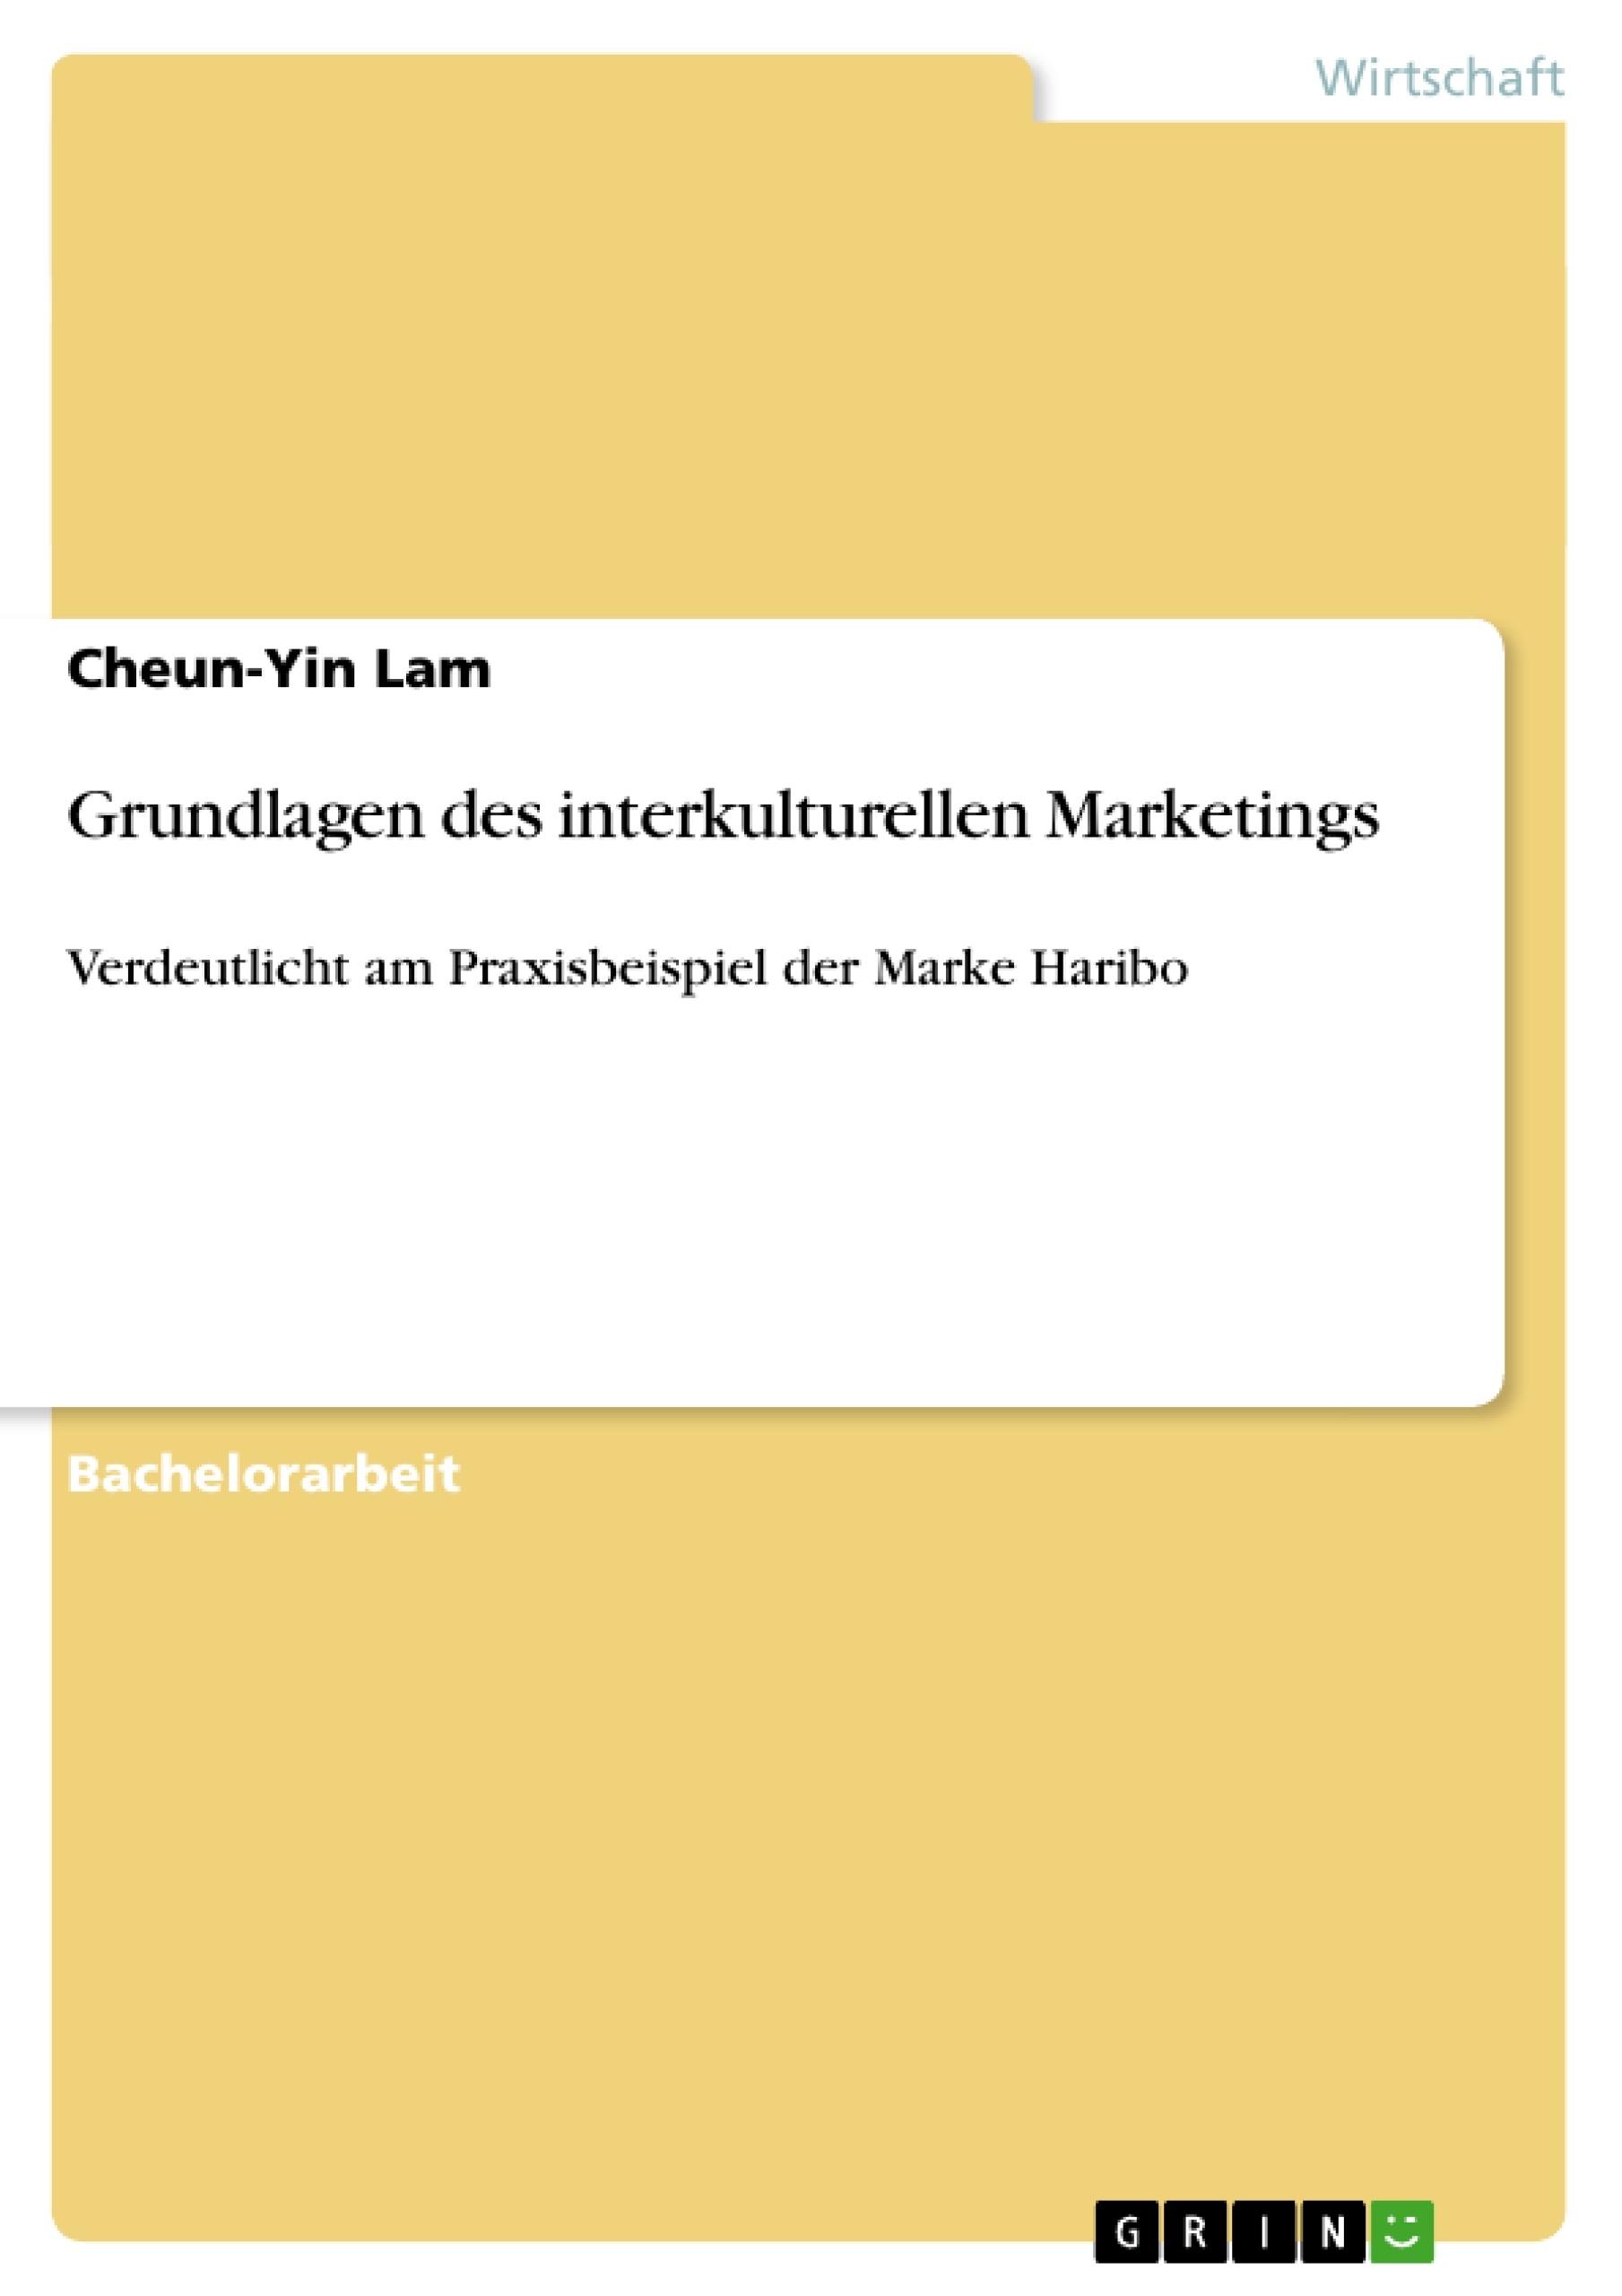 Titel: Grundlagen des interkulturellen Marketings